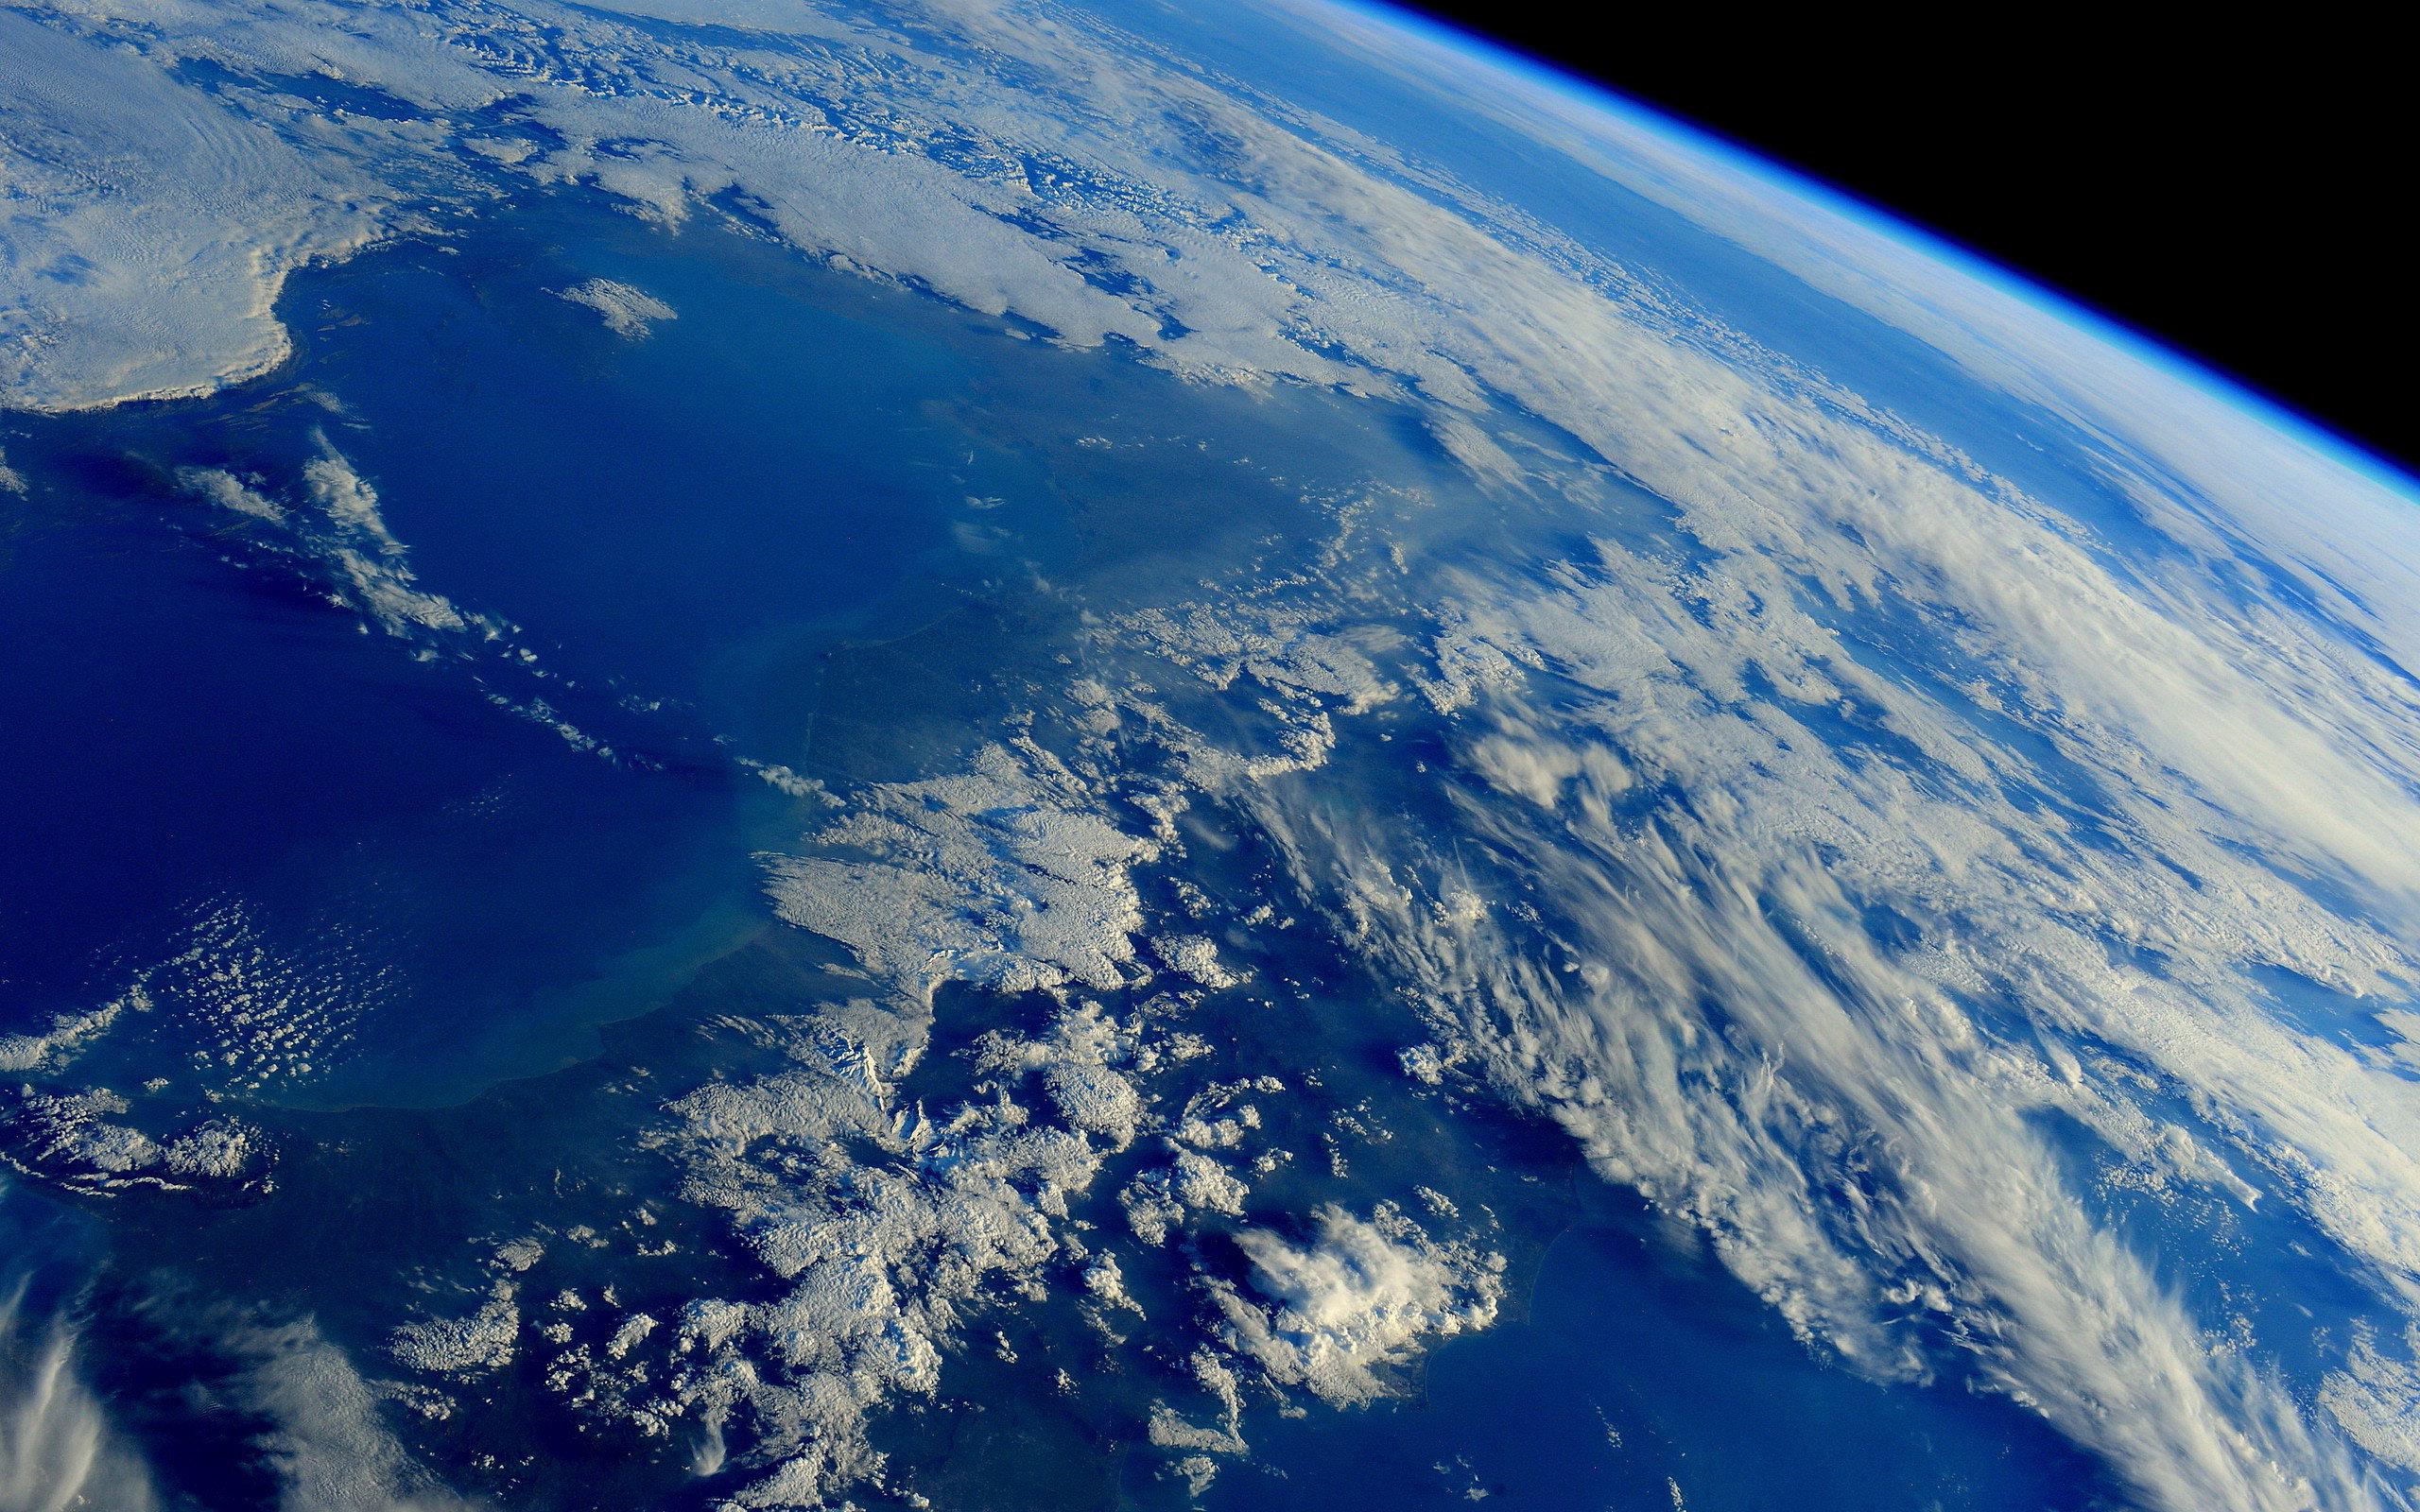 Космос, обои земля из космоса, звезда, hd